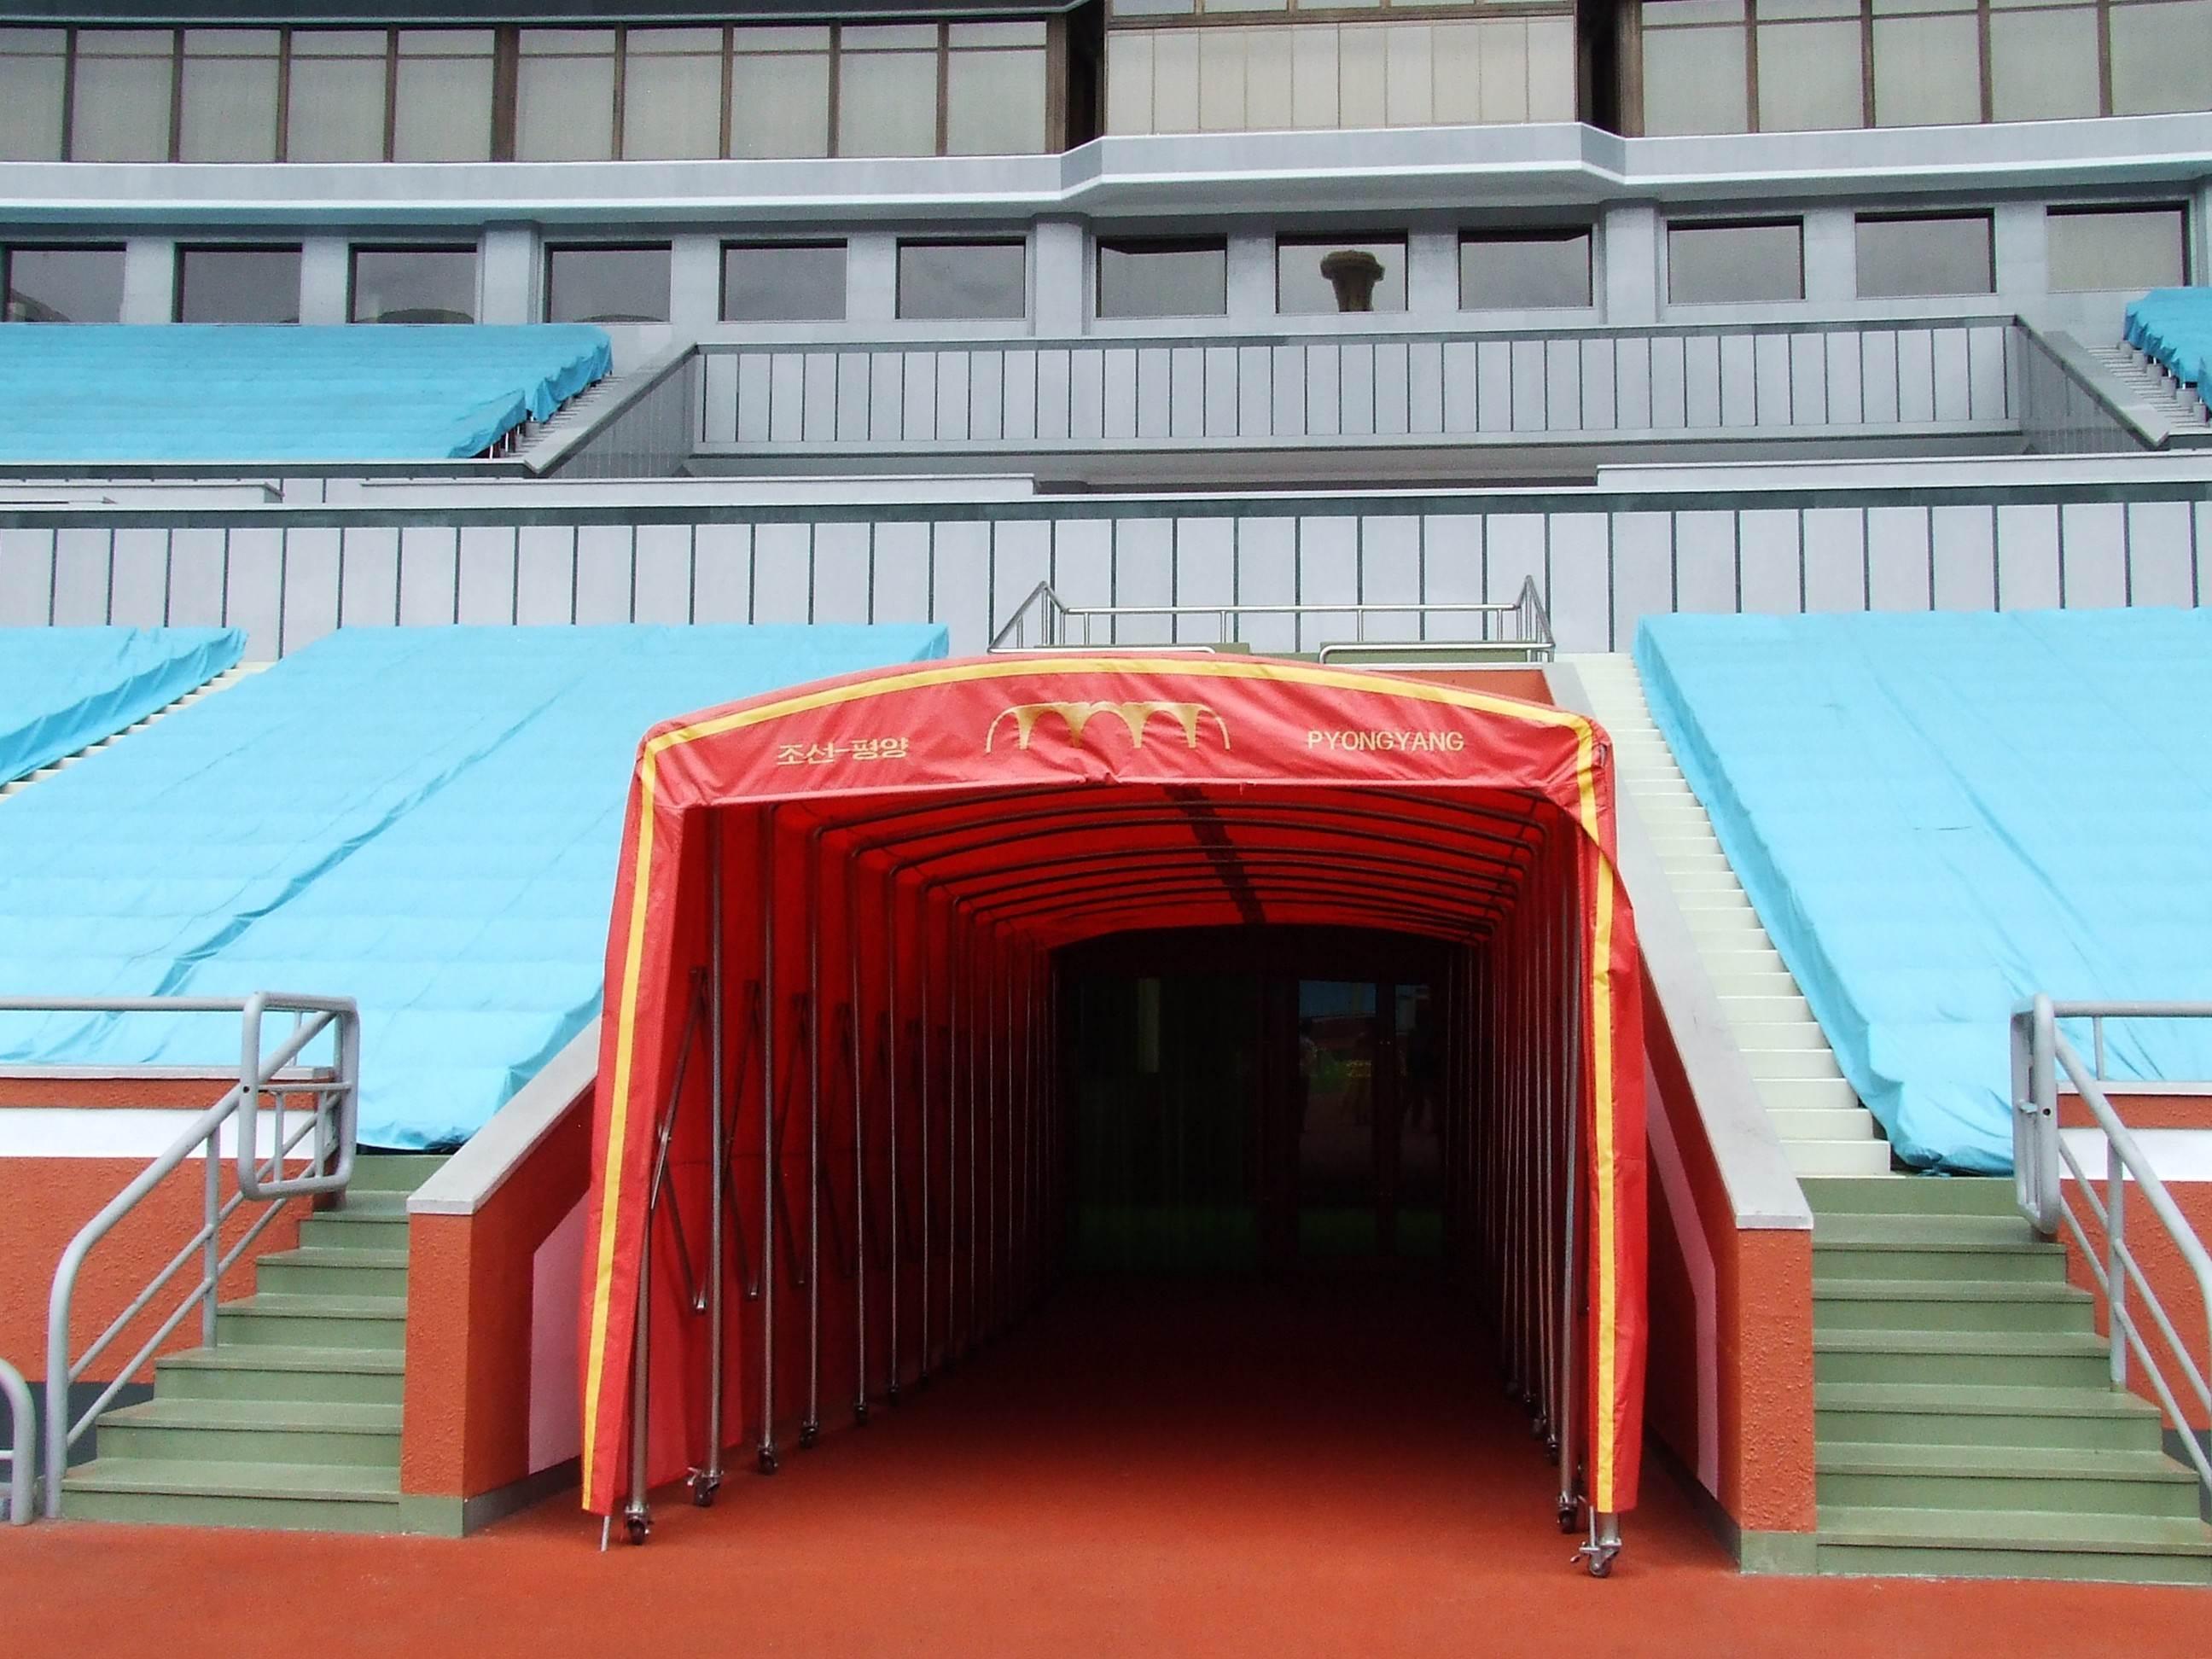 Tunel na płytę stadionu - największy stadion świata